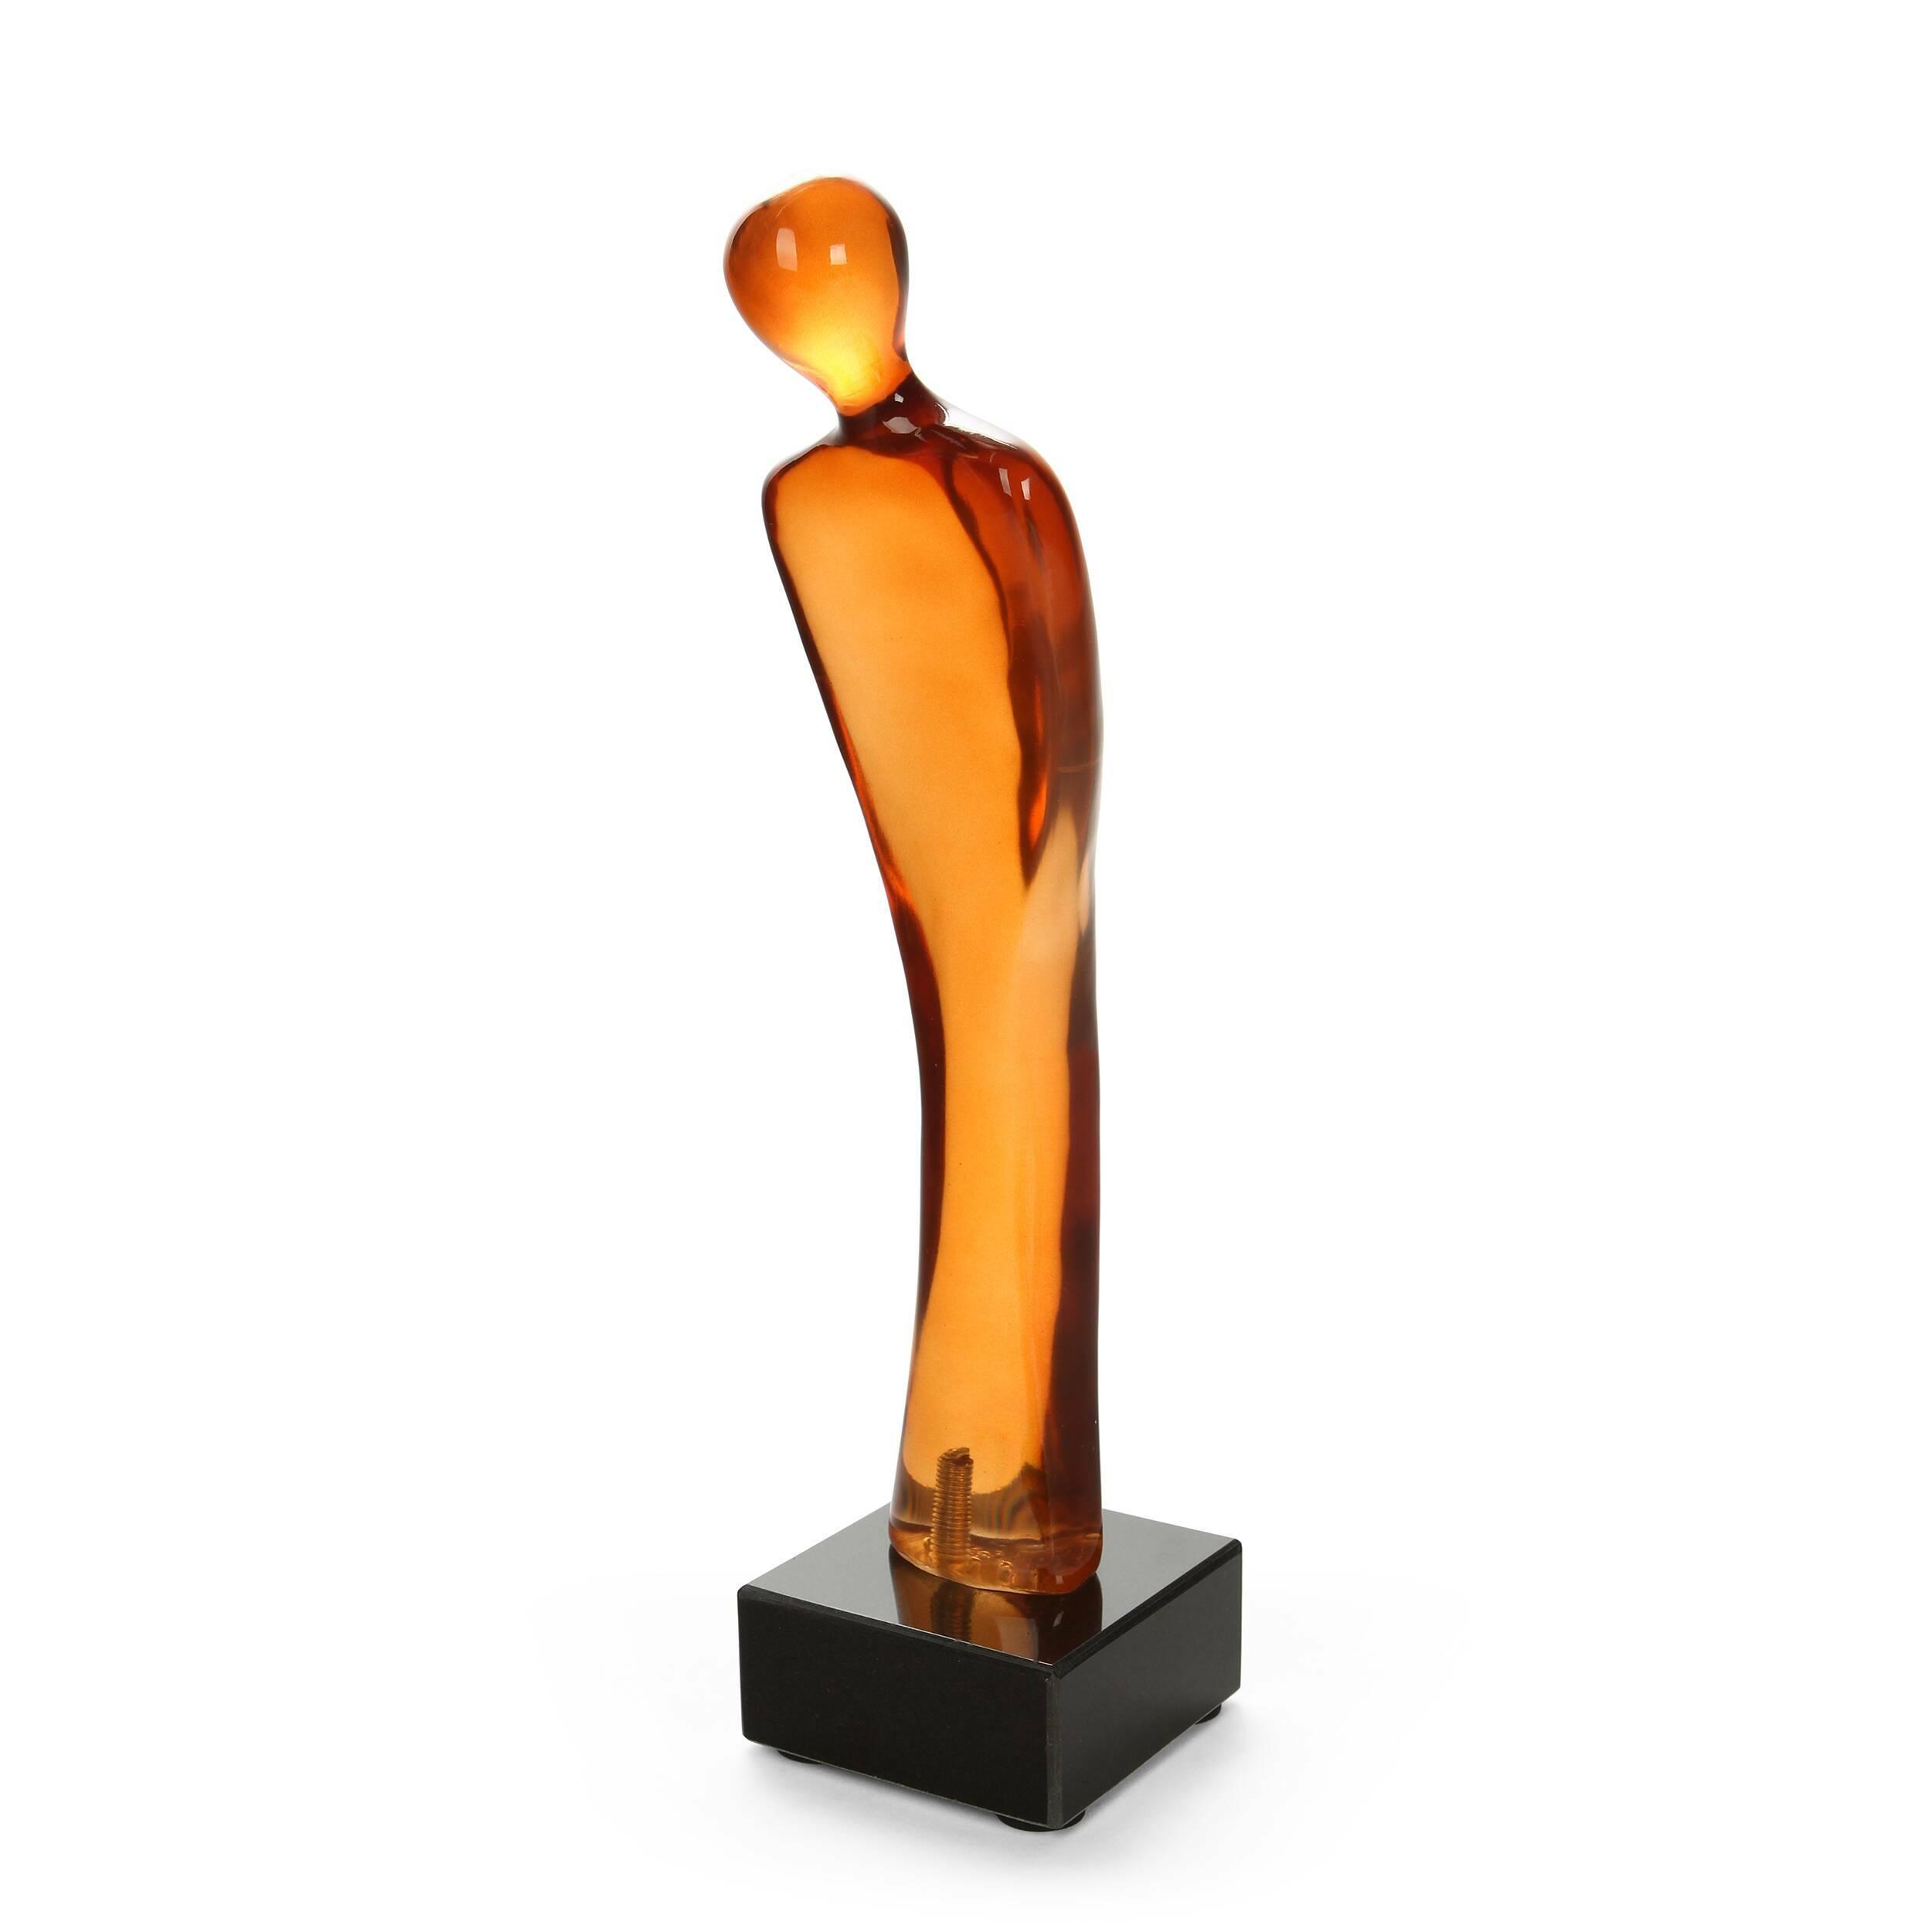 Статуэтка Silhuette 2Настольные<br>Дизайнерская декоративная оранжевая статуэтка Silhuette (Силуэт) из полистоуна в форме силуэта человека от Cosmo (Космо).<br> Подчеркнуть дизайн интерьера, дополнить его ненавязчивыми красками и силуэтами поможет привлекательный, спокойный декор, который не станет отвлекать на себя внимание, но в то же время сможет обновить комнату и задать ей новое настроение. Декоративные статуэтки — это не только излюбленный декоративный элемент многих дизайнеров. Они также помогают оживить комнату и создат...<br><br>stock: 7<br>Высота: 36<br>Ширина: 10<br>Материал: Полистоун<br>Цвет: Оранжевый<br>Длина: 11